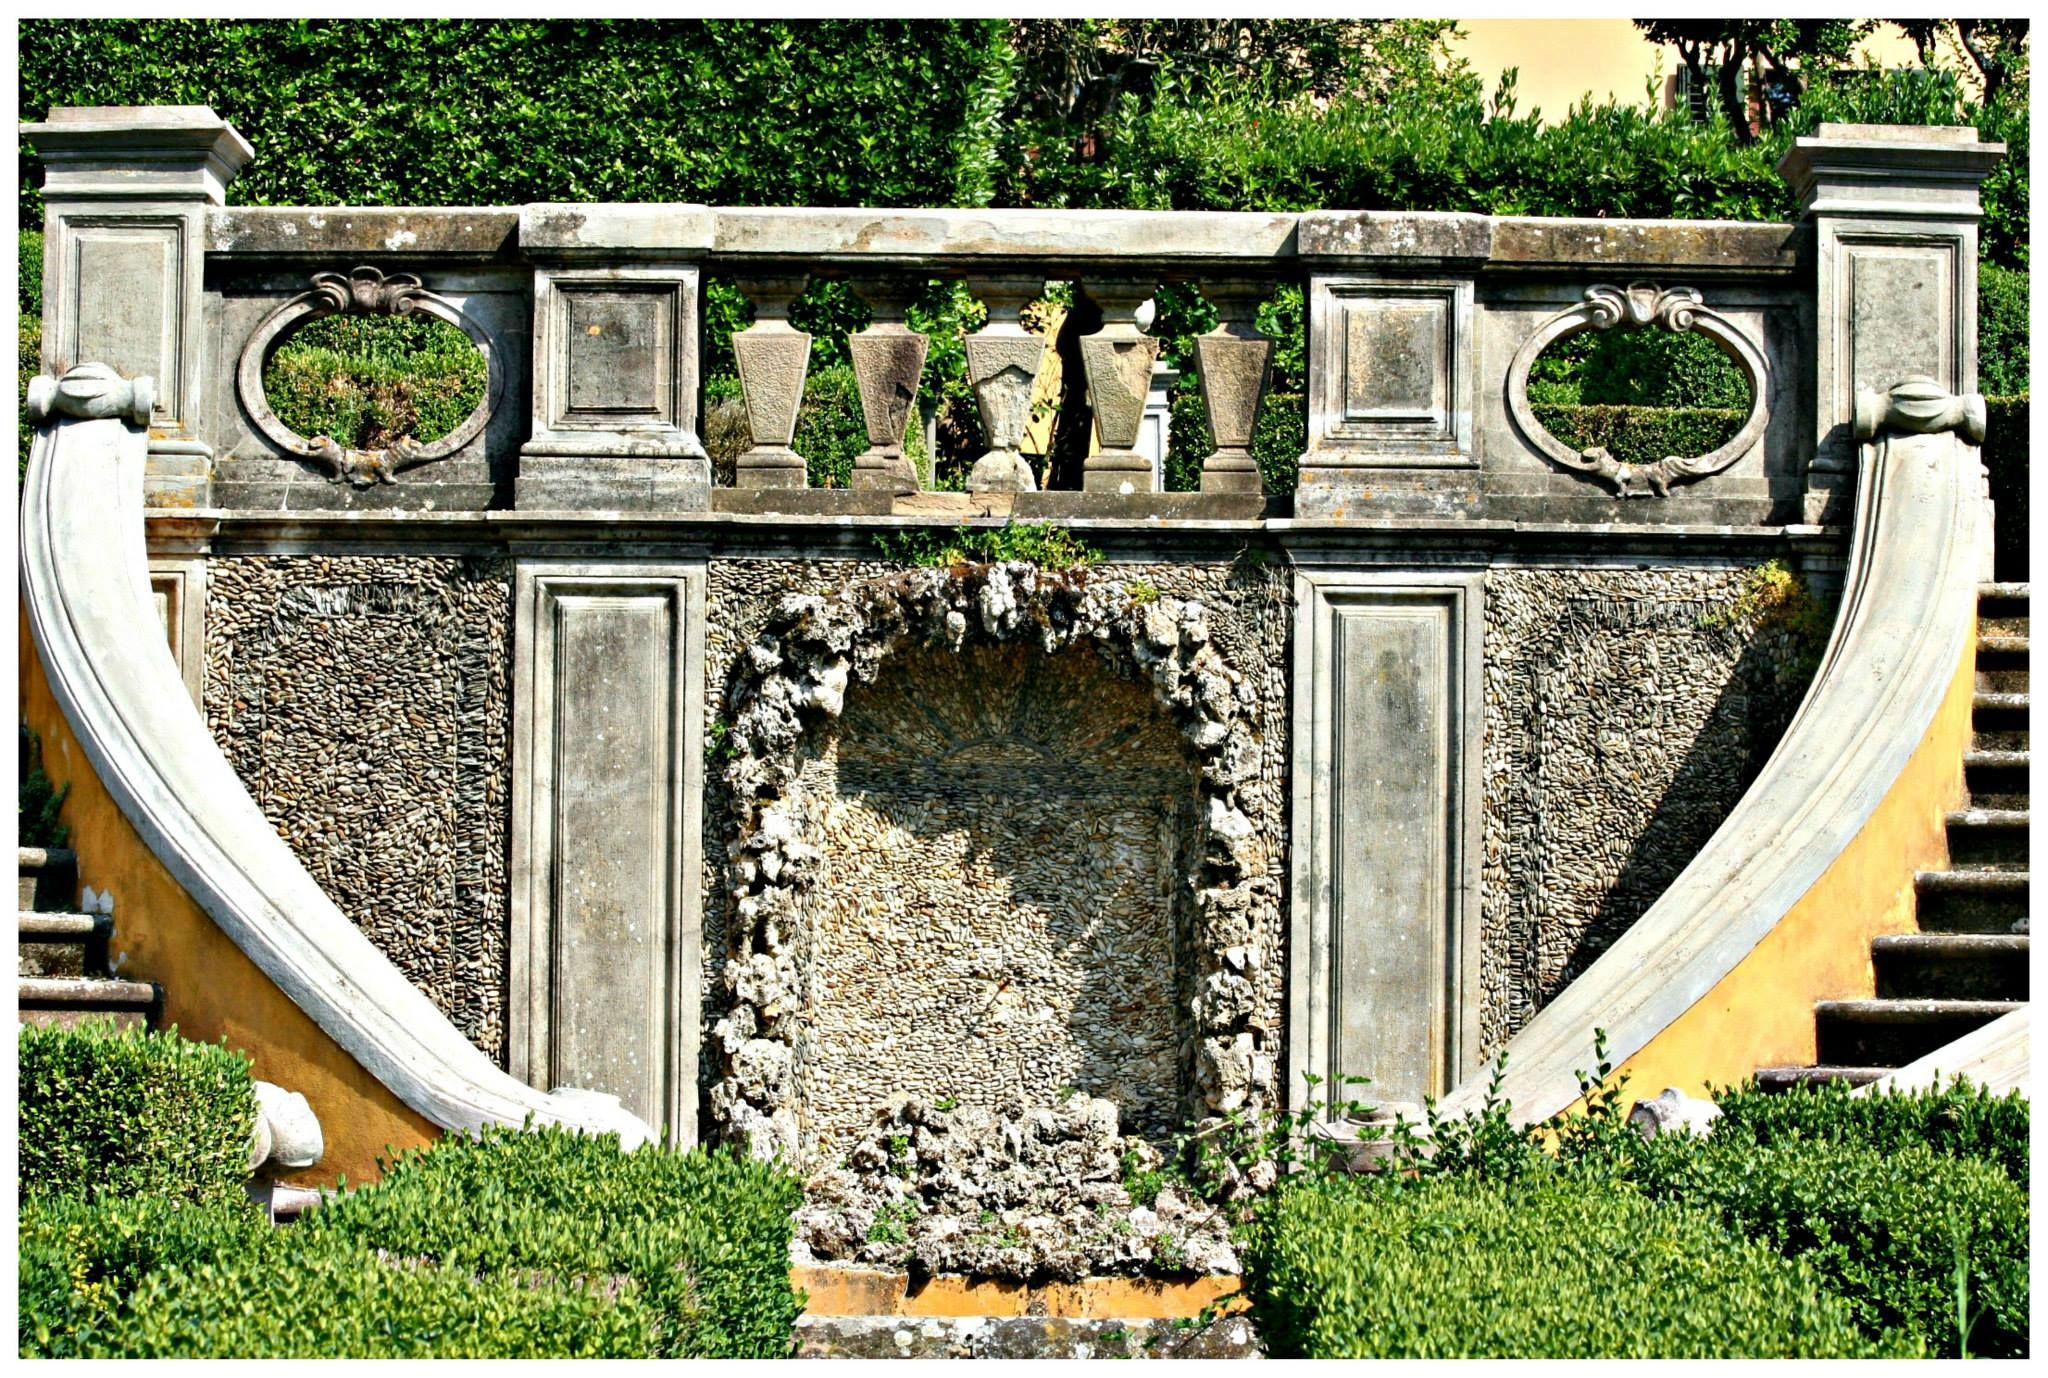 Villa Schifanoia